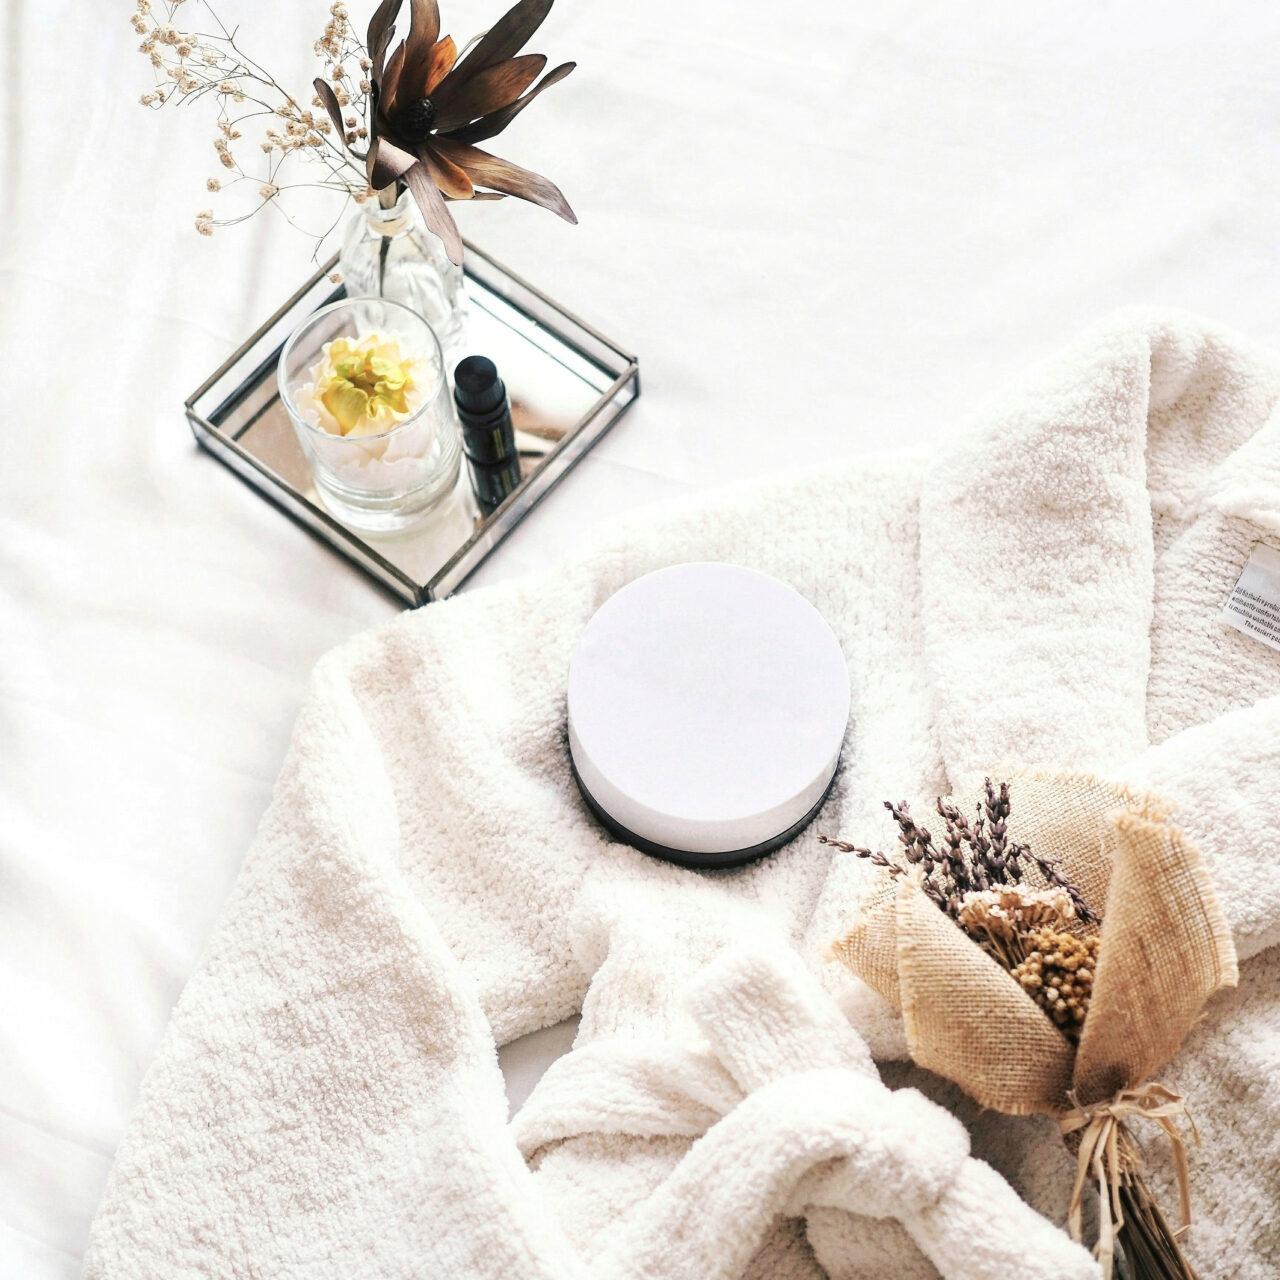 お風呂上がりのアチチを対処!大切なBATH TIMEが楽しくスッキリ爽快になる4つの方法